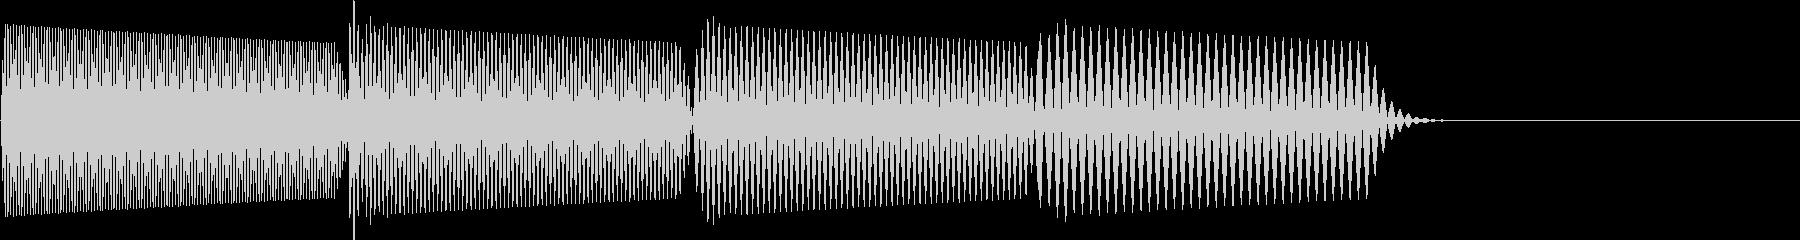 ピロロロ↓(攻撃ミス、やり直し、マシン)の未再生の波形